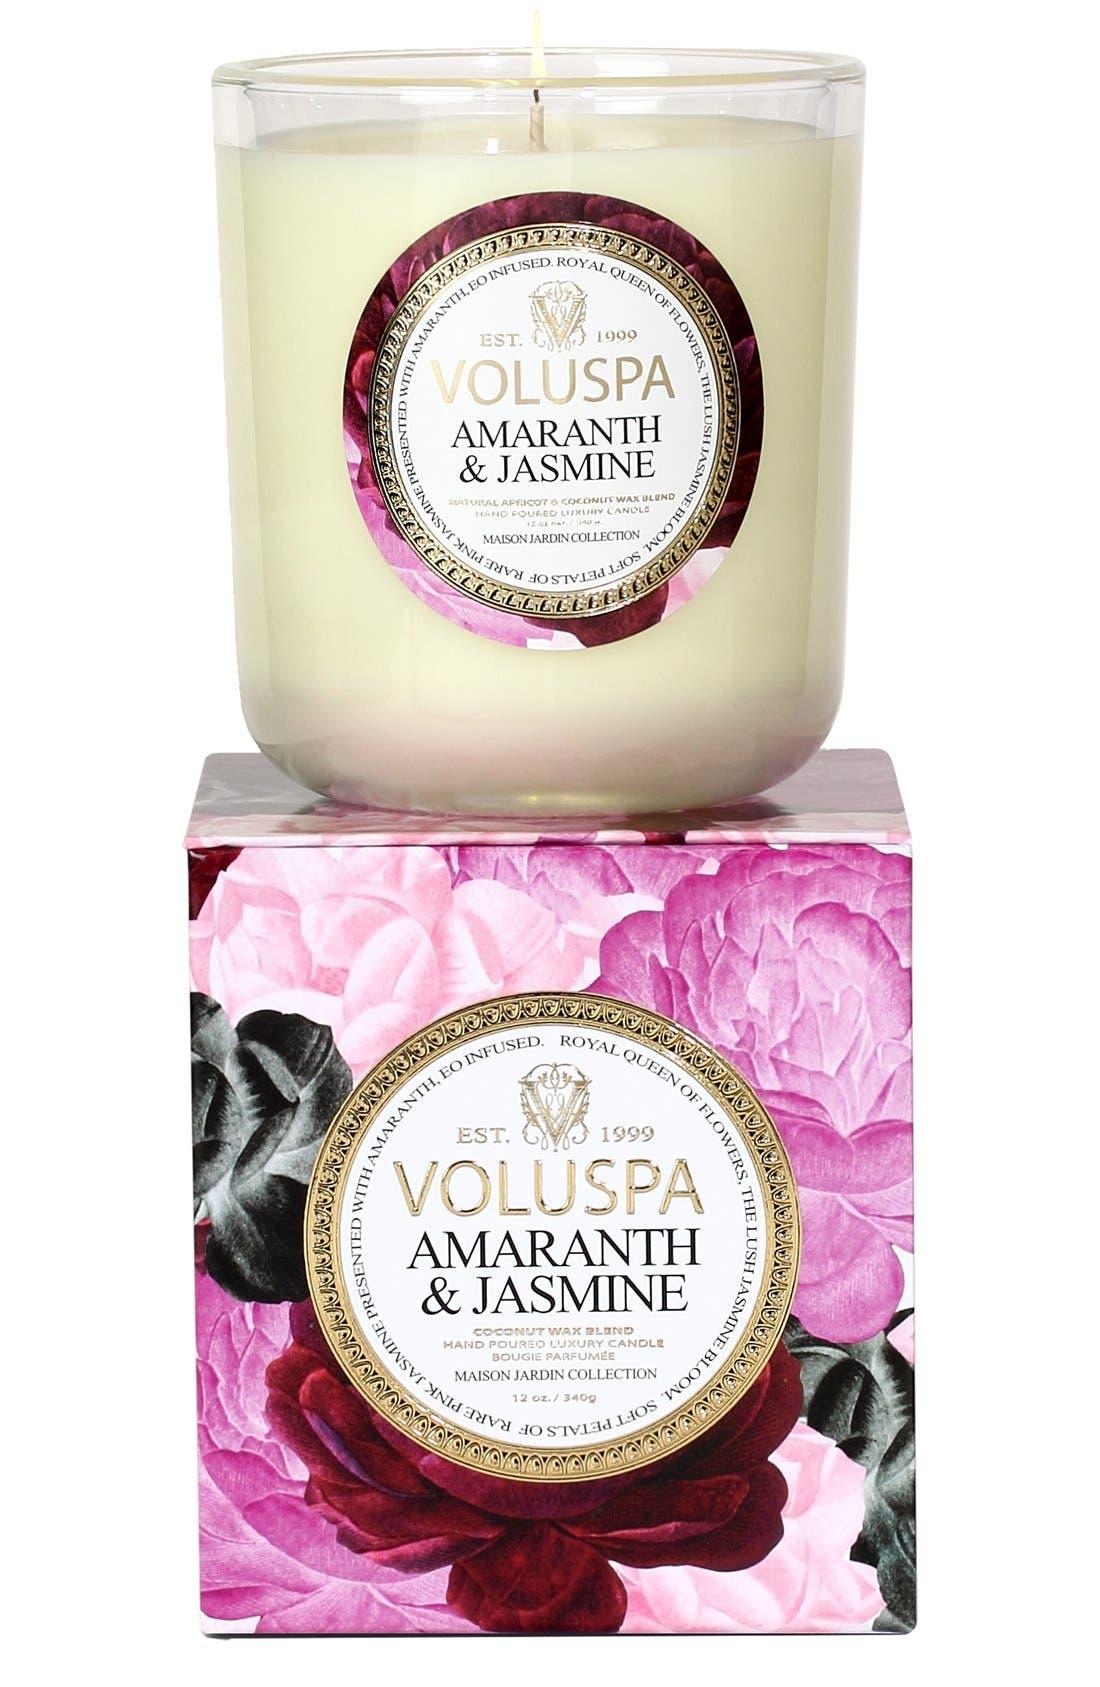 Maison Jardin Amaranth & Jasmine Classic Maison Candle,                             Main thumbnail 1, color,                             NO COLOR